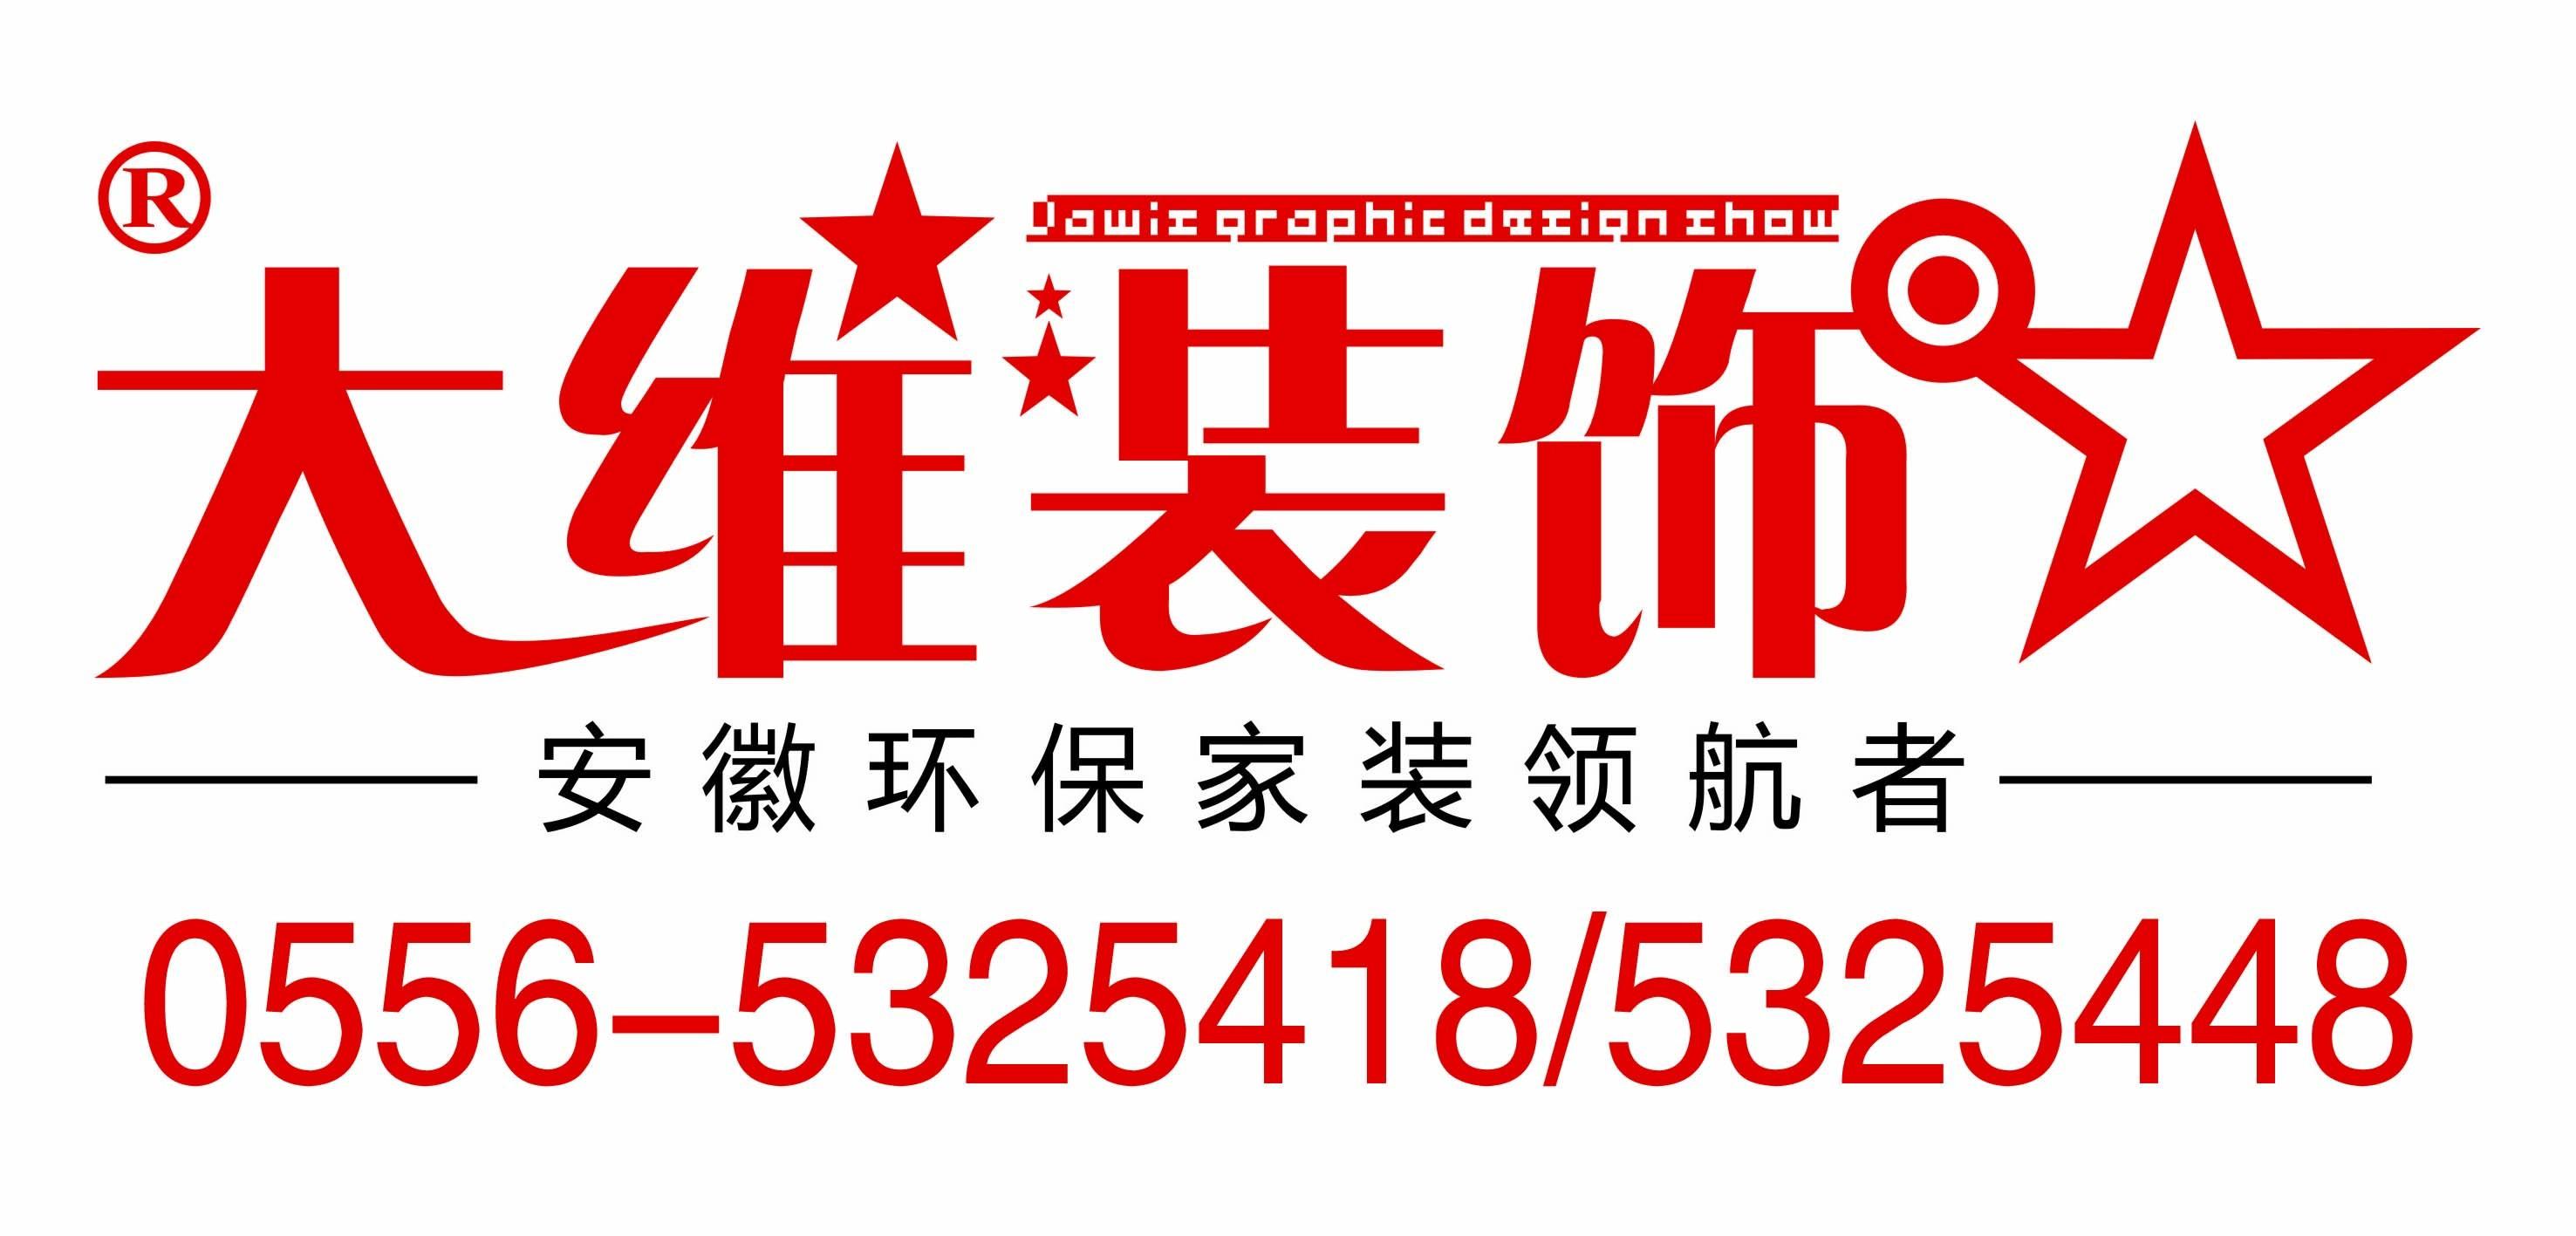 合肥大维装饰工程有限公司安庆分公司